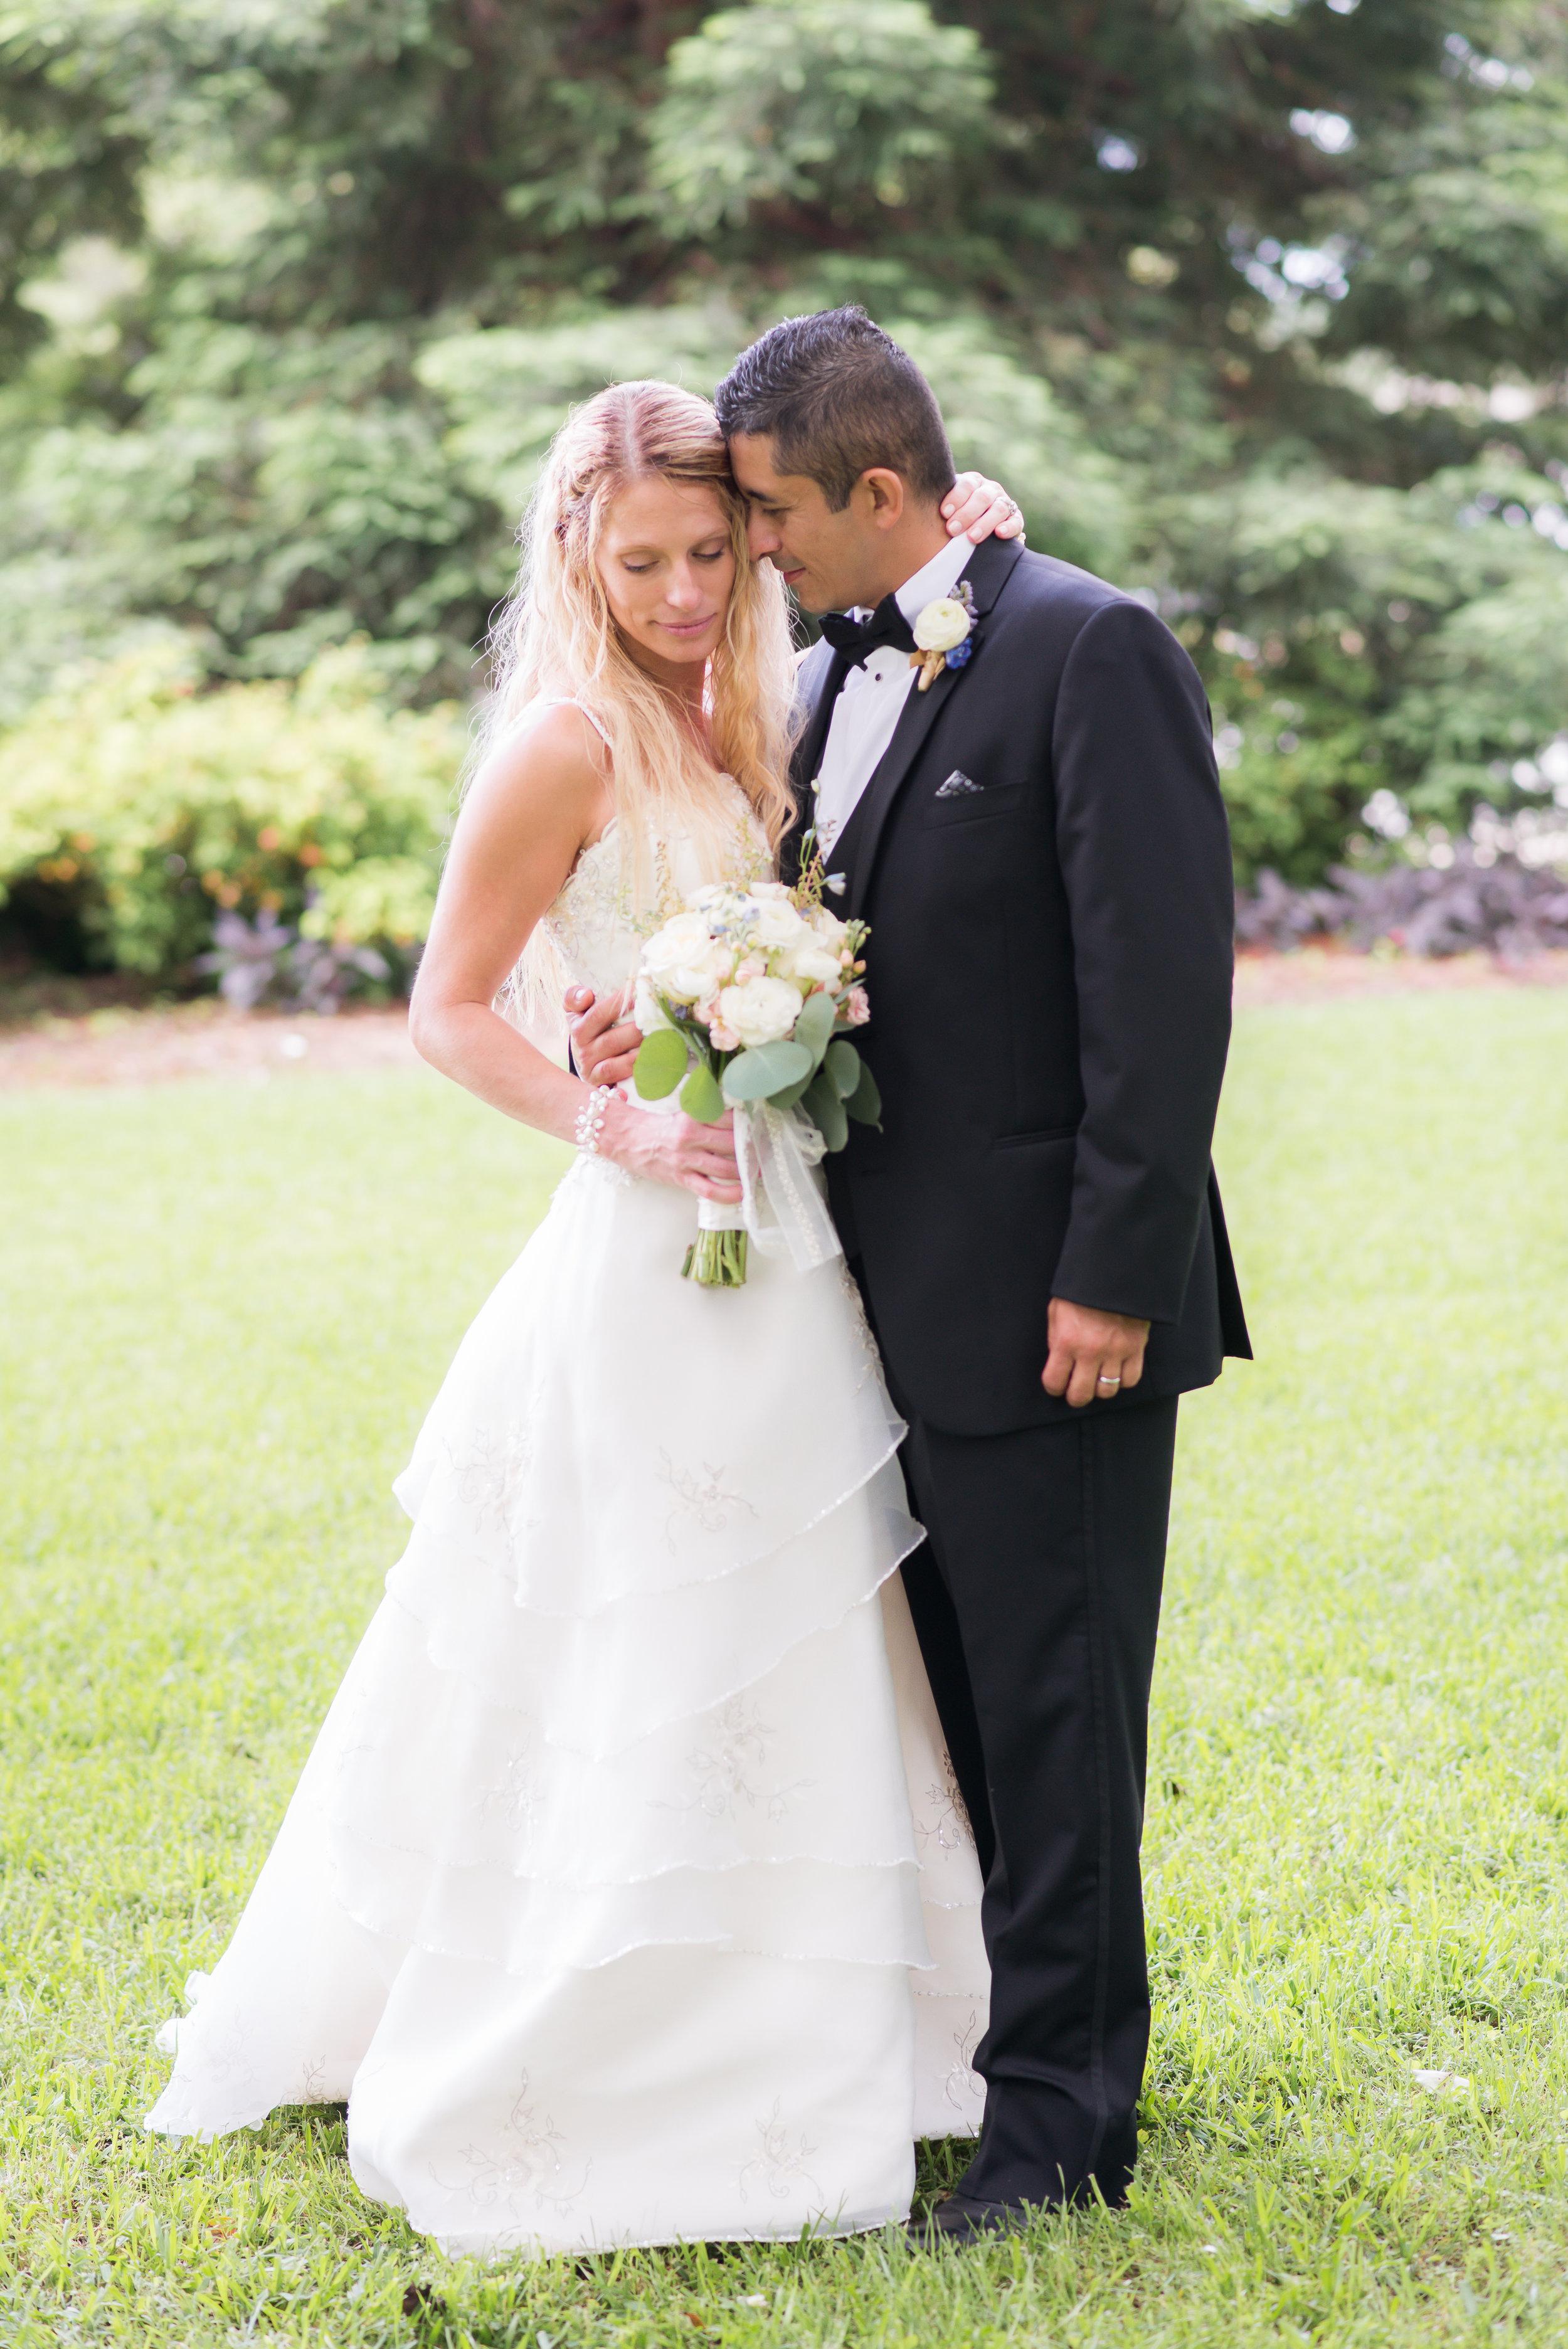 Jen + Jose_Married352 copy.jpg